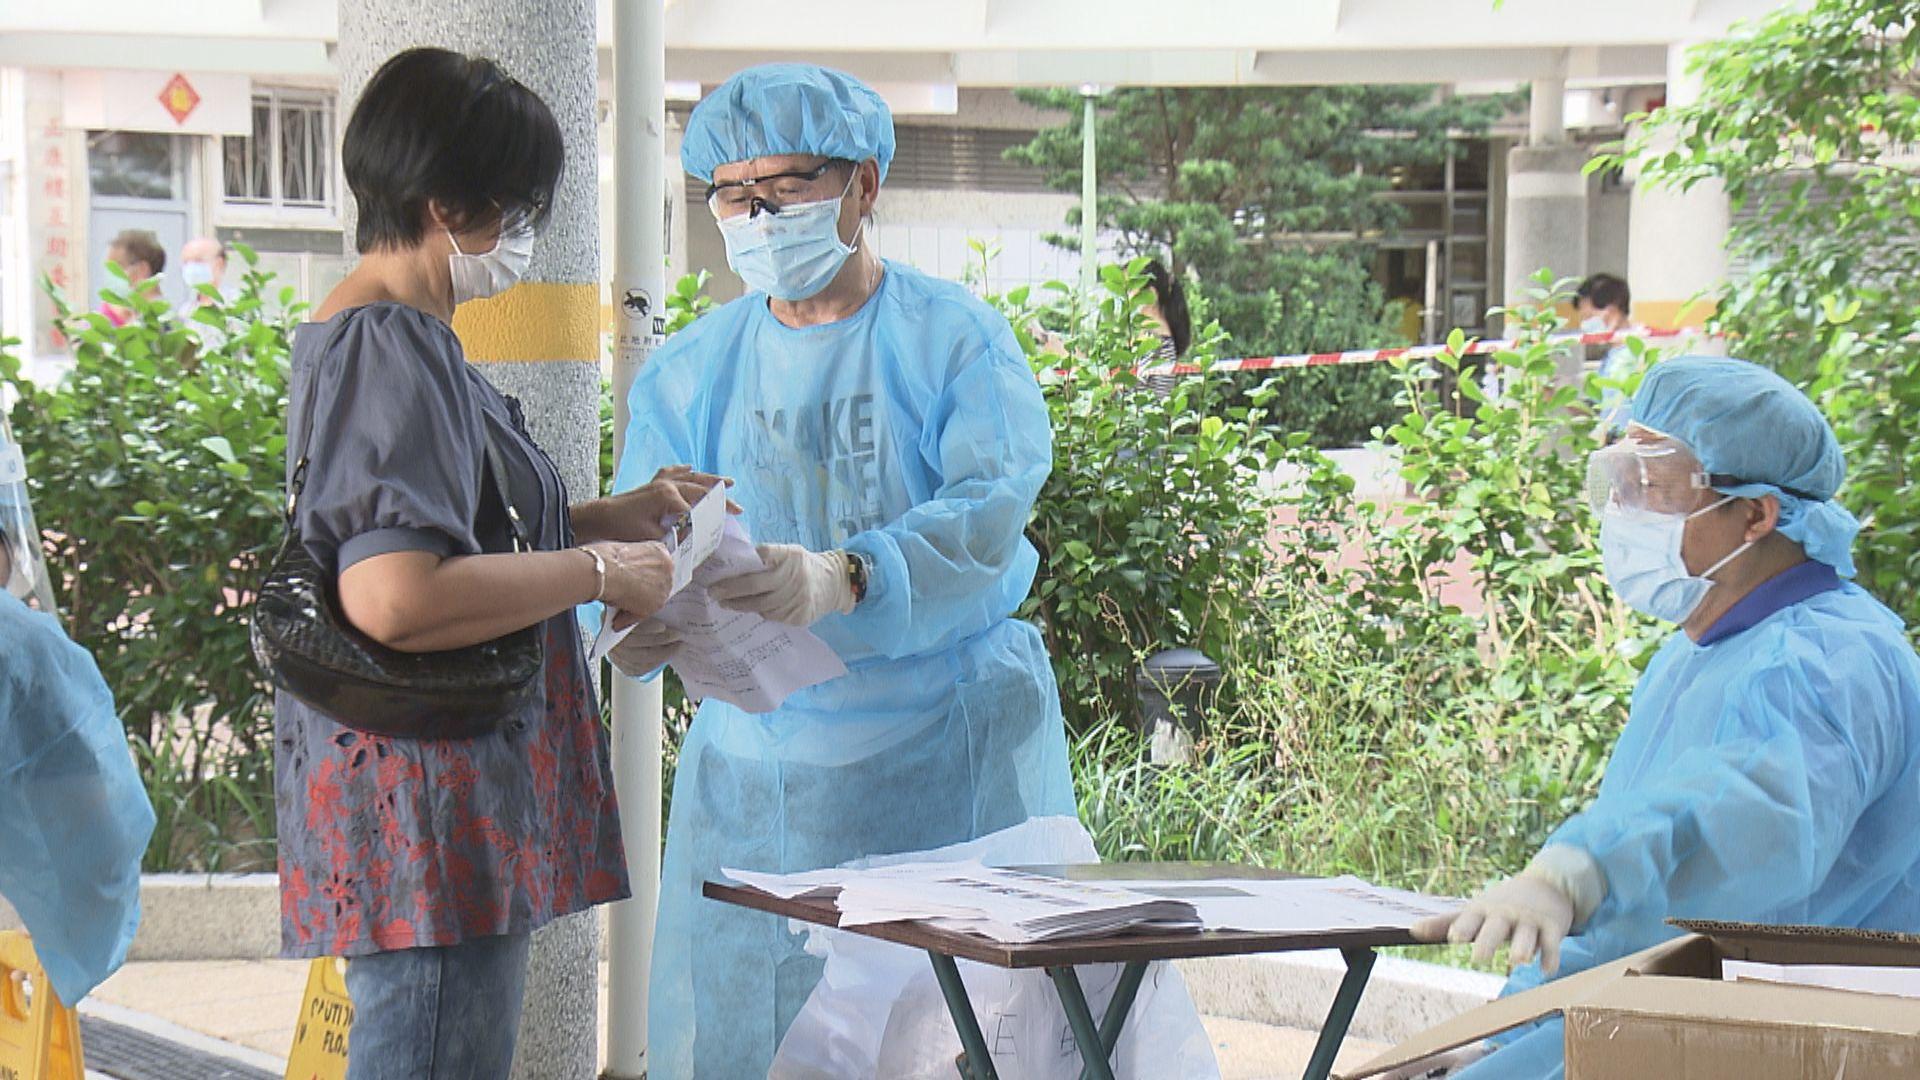 檢測計劃找出42人確診 揭示多個社區隱形感染群組